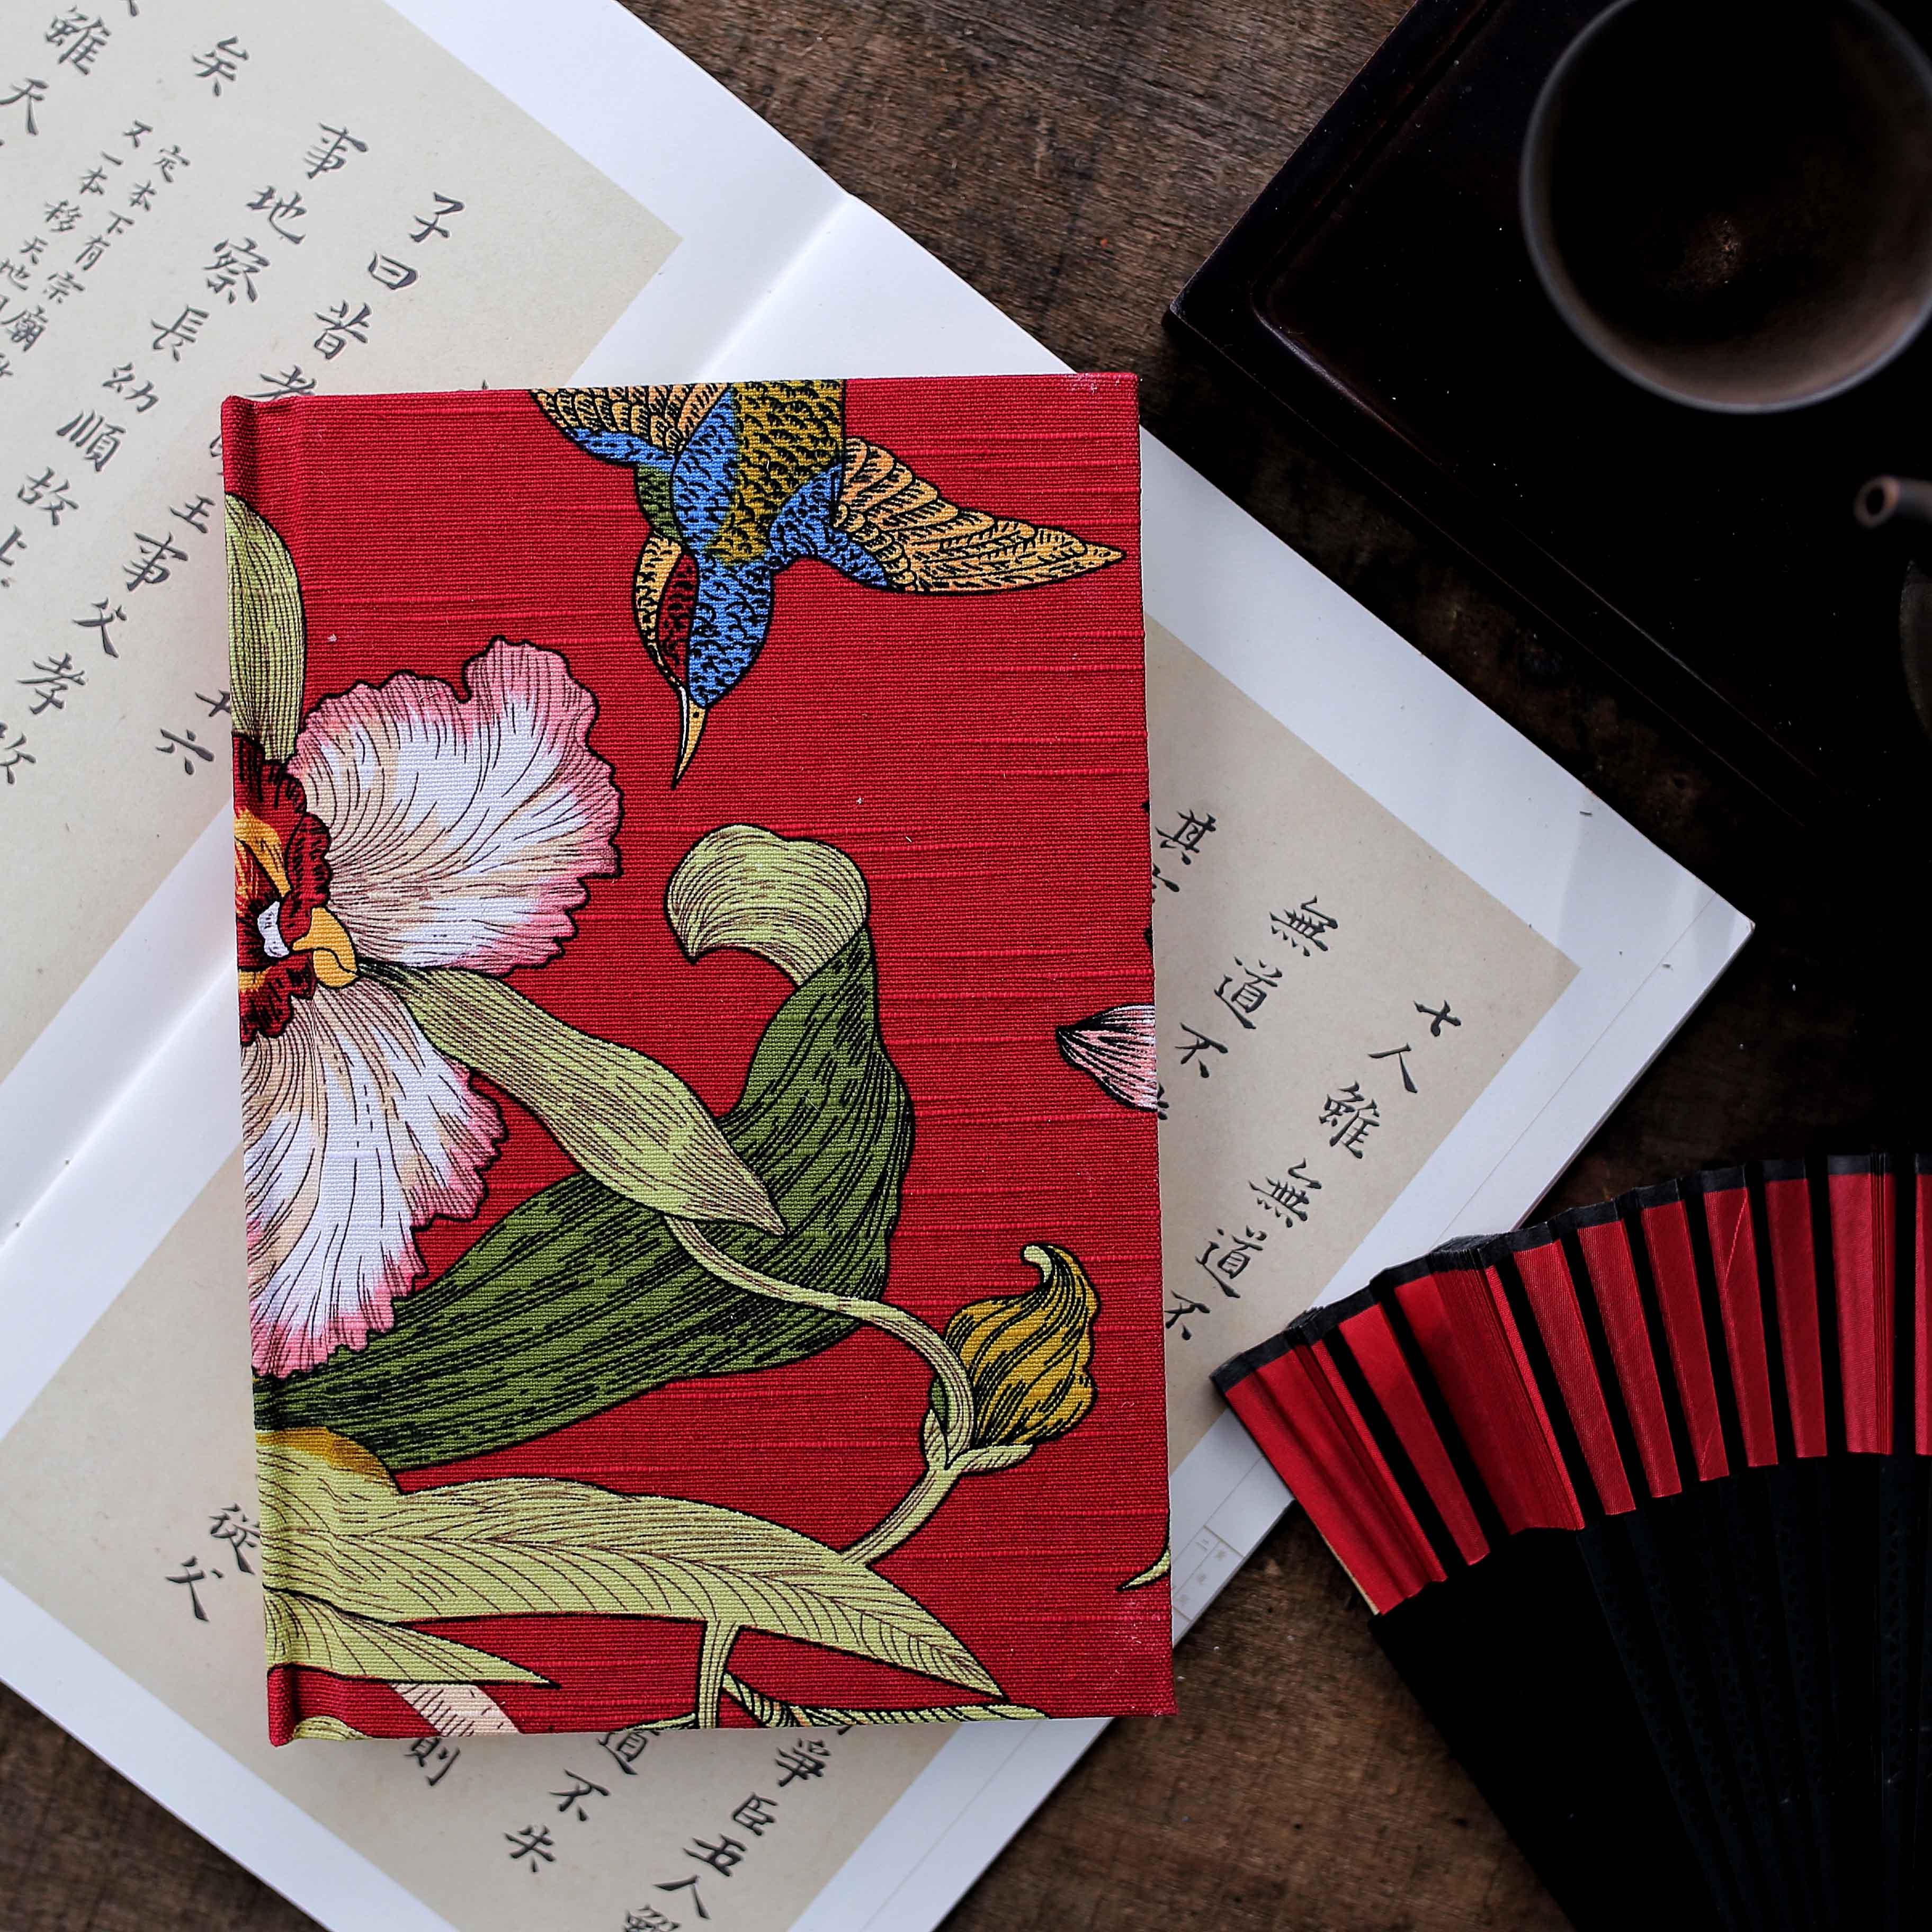 【韵也】原创手工珍藏送人 日记本 手账本子 a5 随记本 花艺 诗意